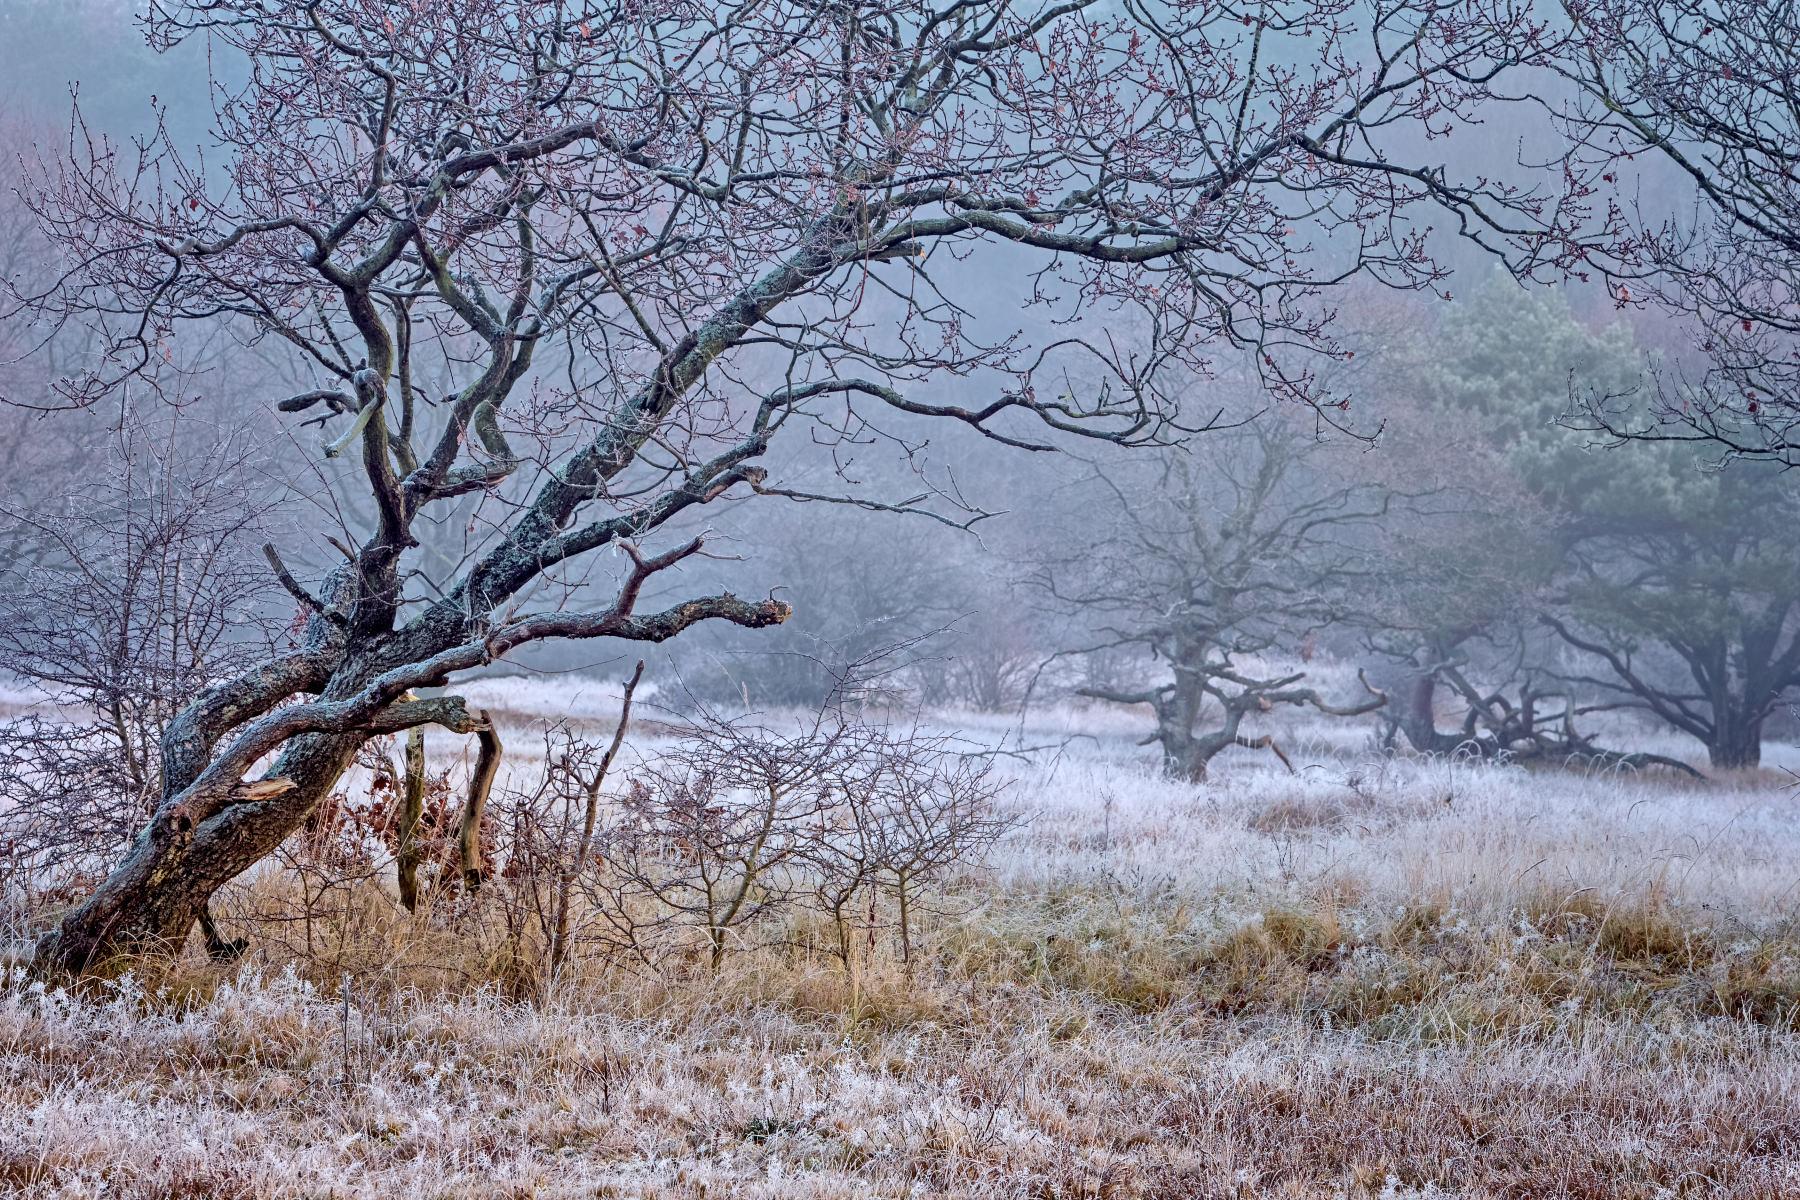 crooked oaks in frosty field